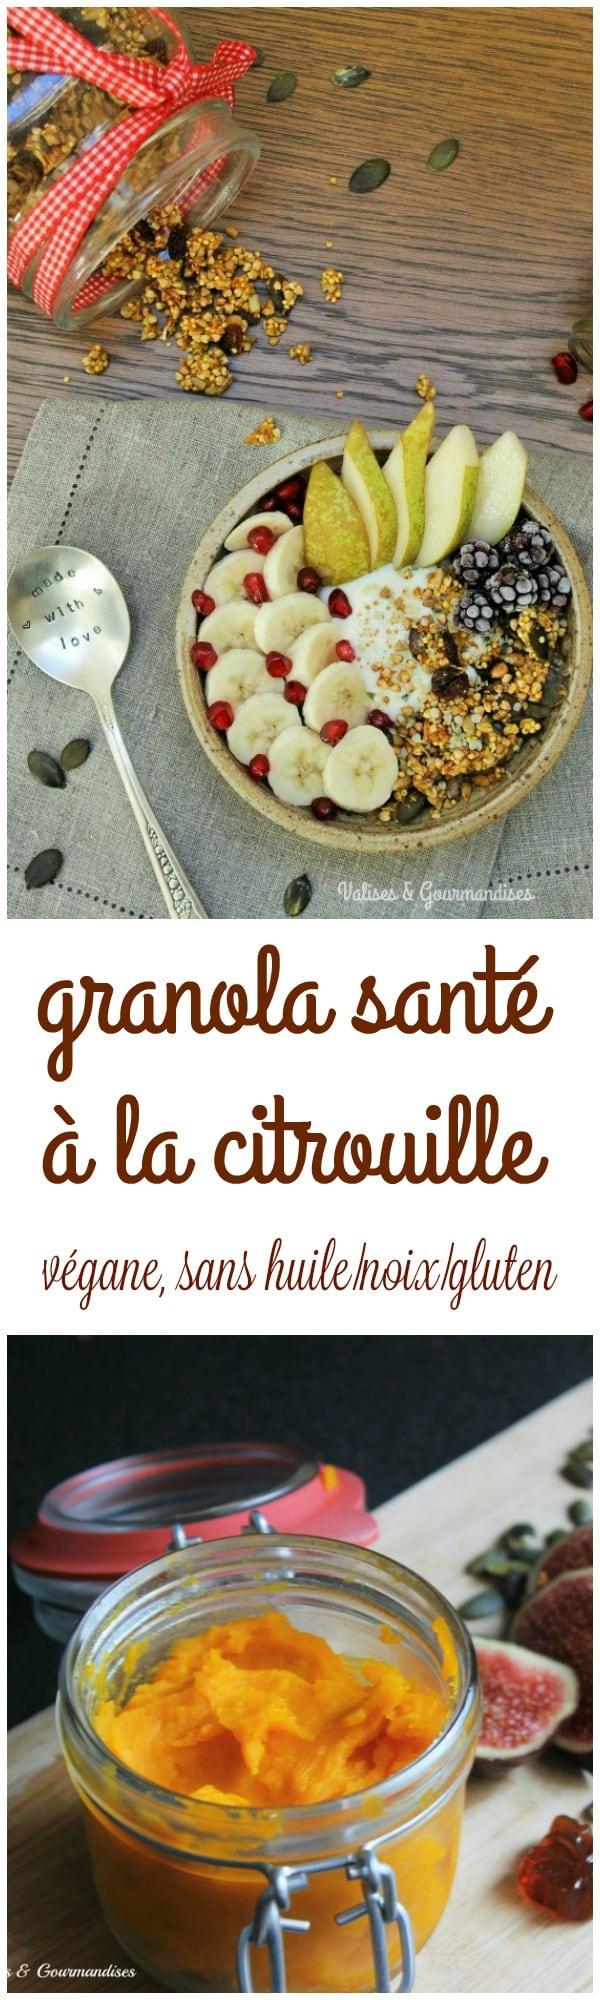 Granola à la citrouille - végane, sans huile et sans noix - Valises & Gourmandises